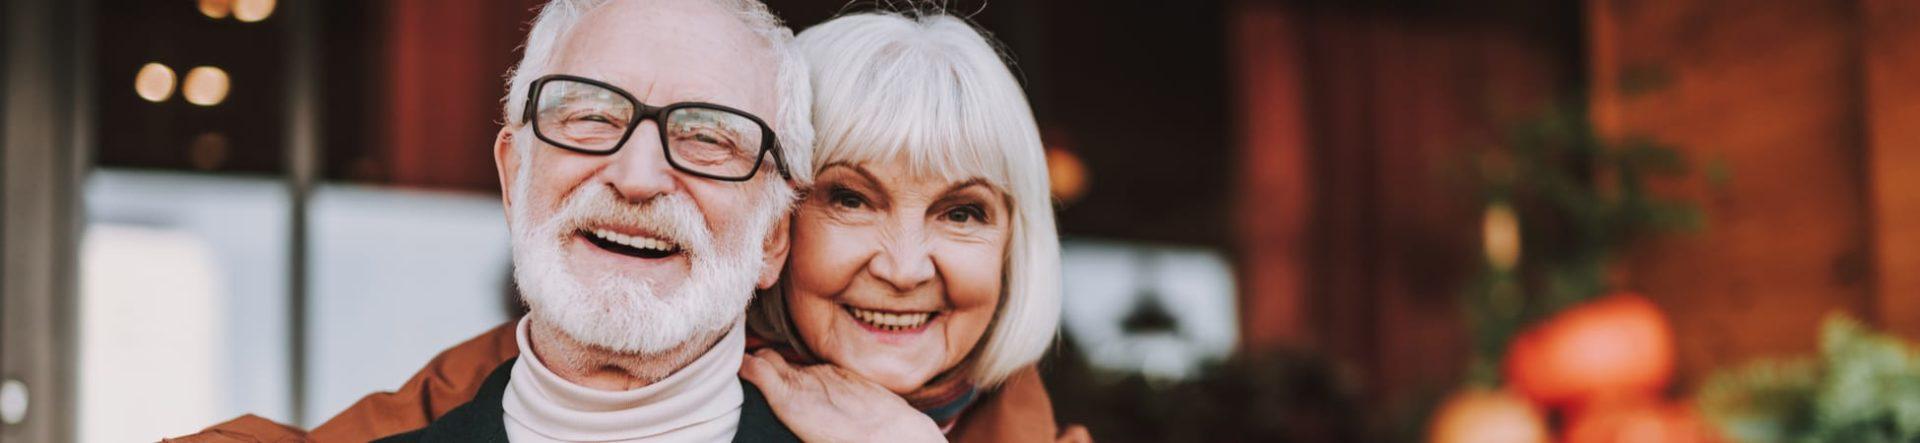 Stylish senior couple smiling after their senior eye exams.